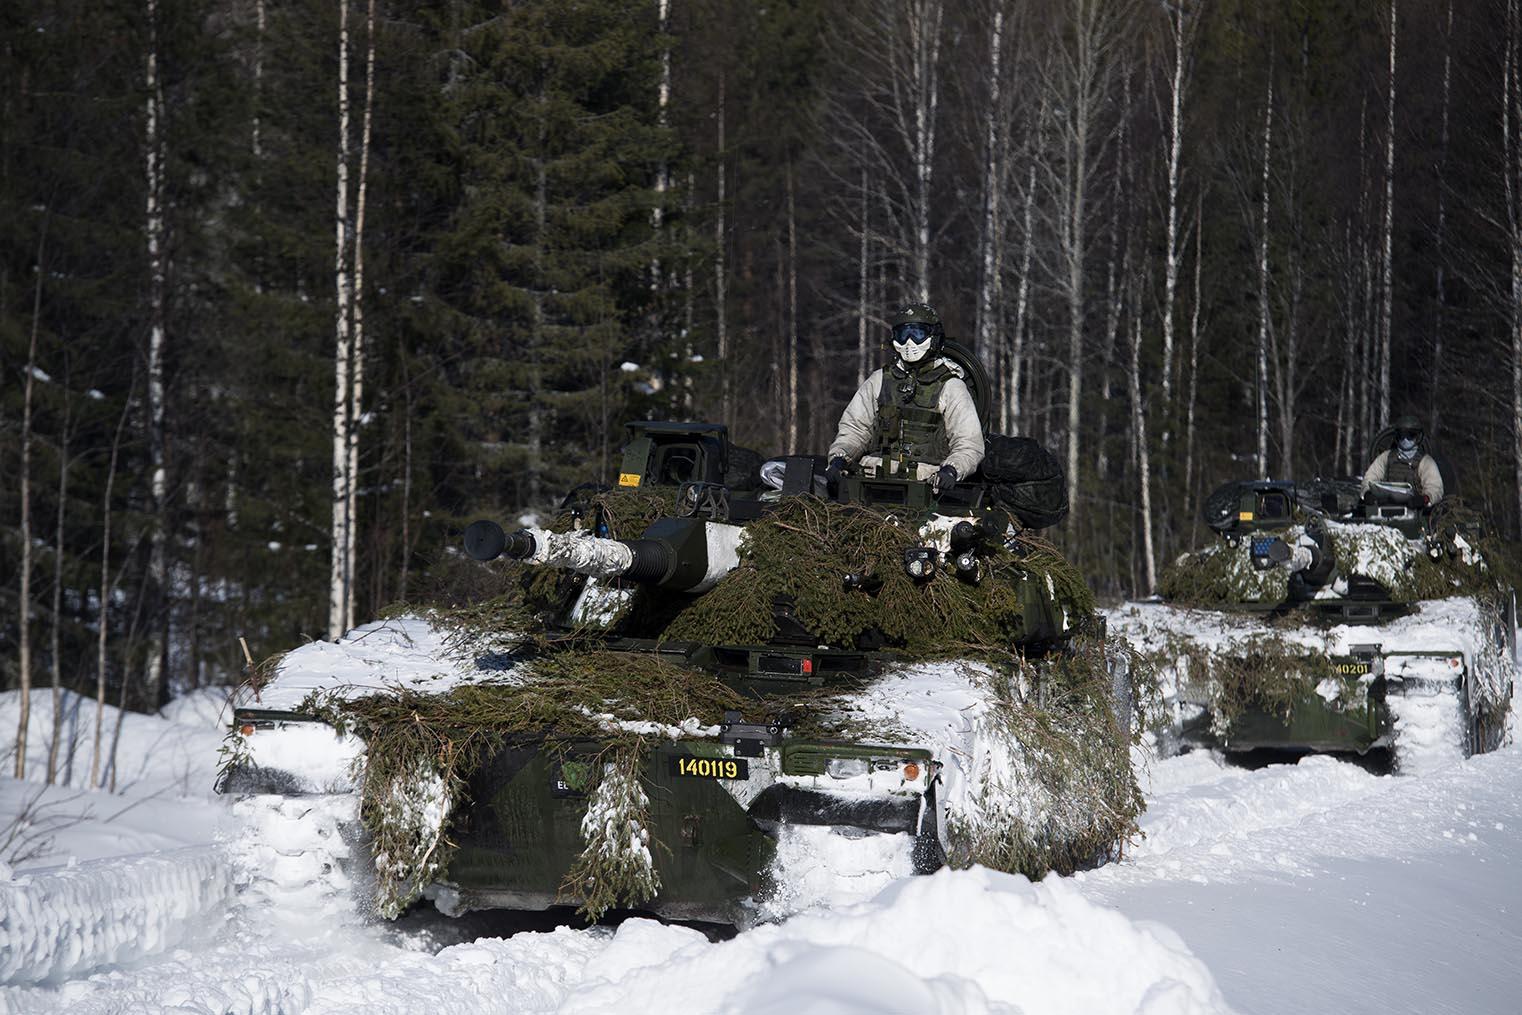 Moderna förband drar mycket höga kostnader med konsekvenserna att de blir färre och slagfältet glesare. Foto: Försvarsmakten.